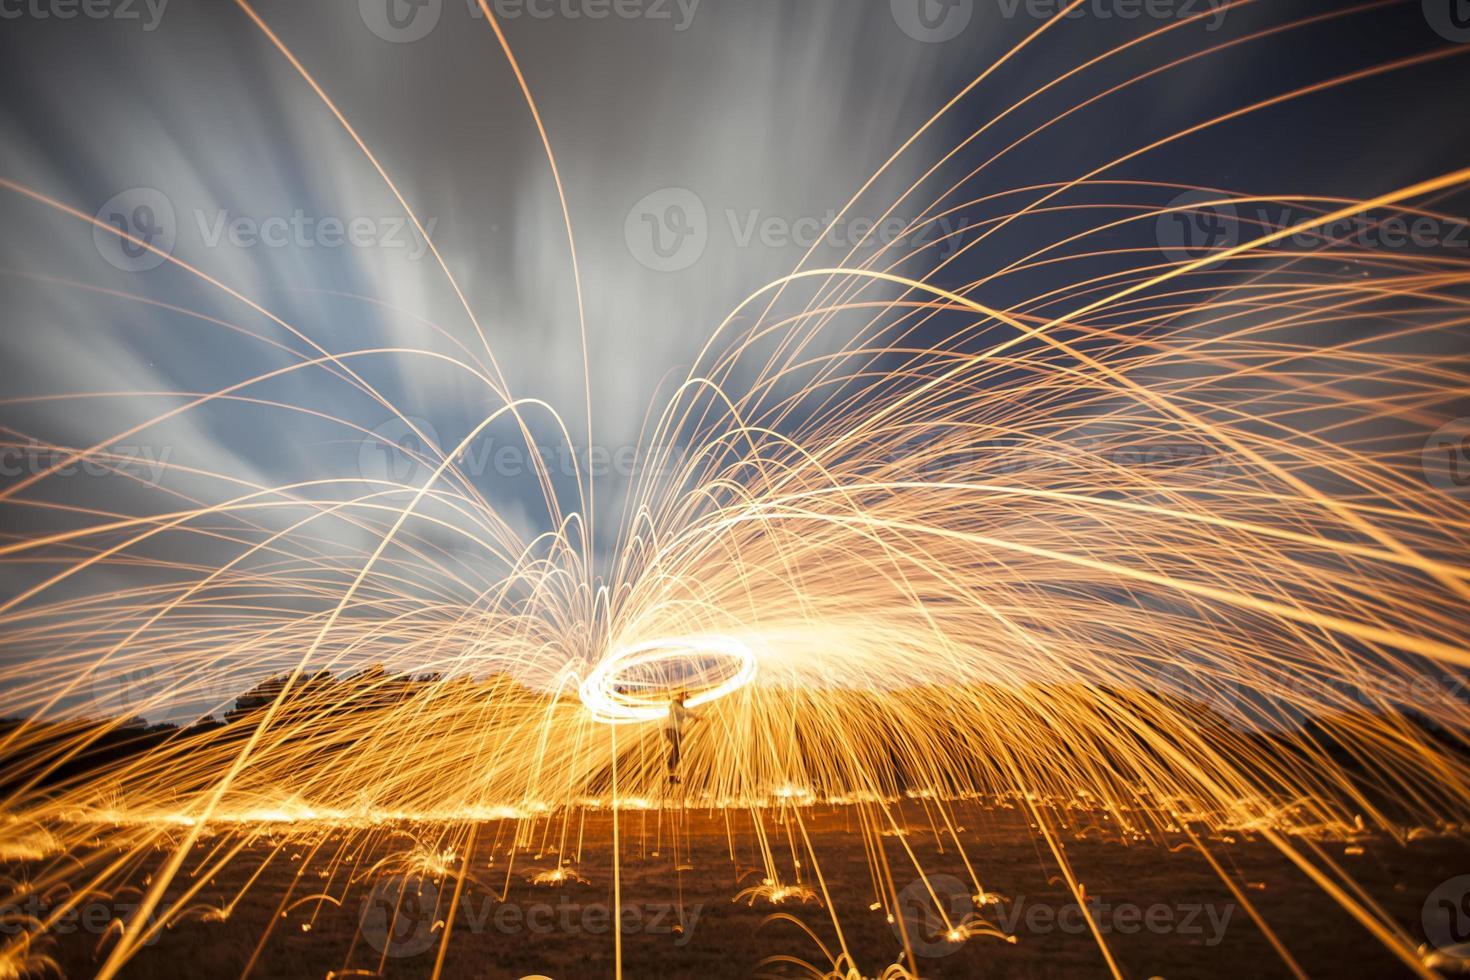 Schauer heiß glühender Funken aus sich drehender Stahlwolle. foto